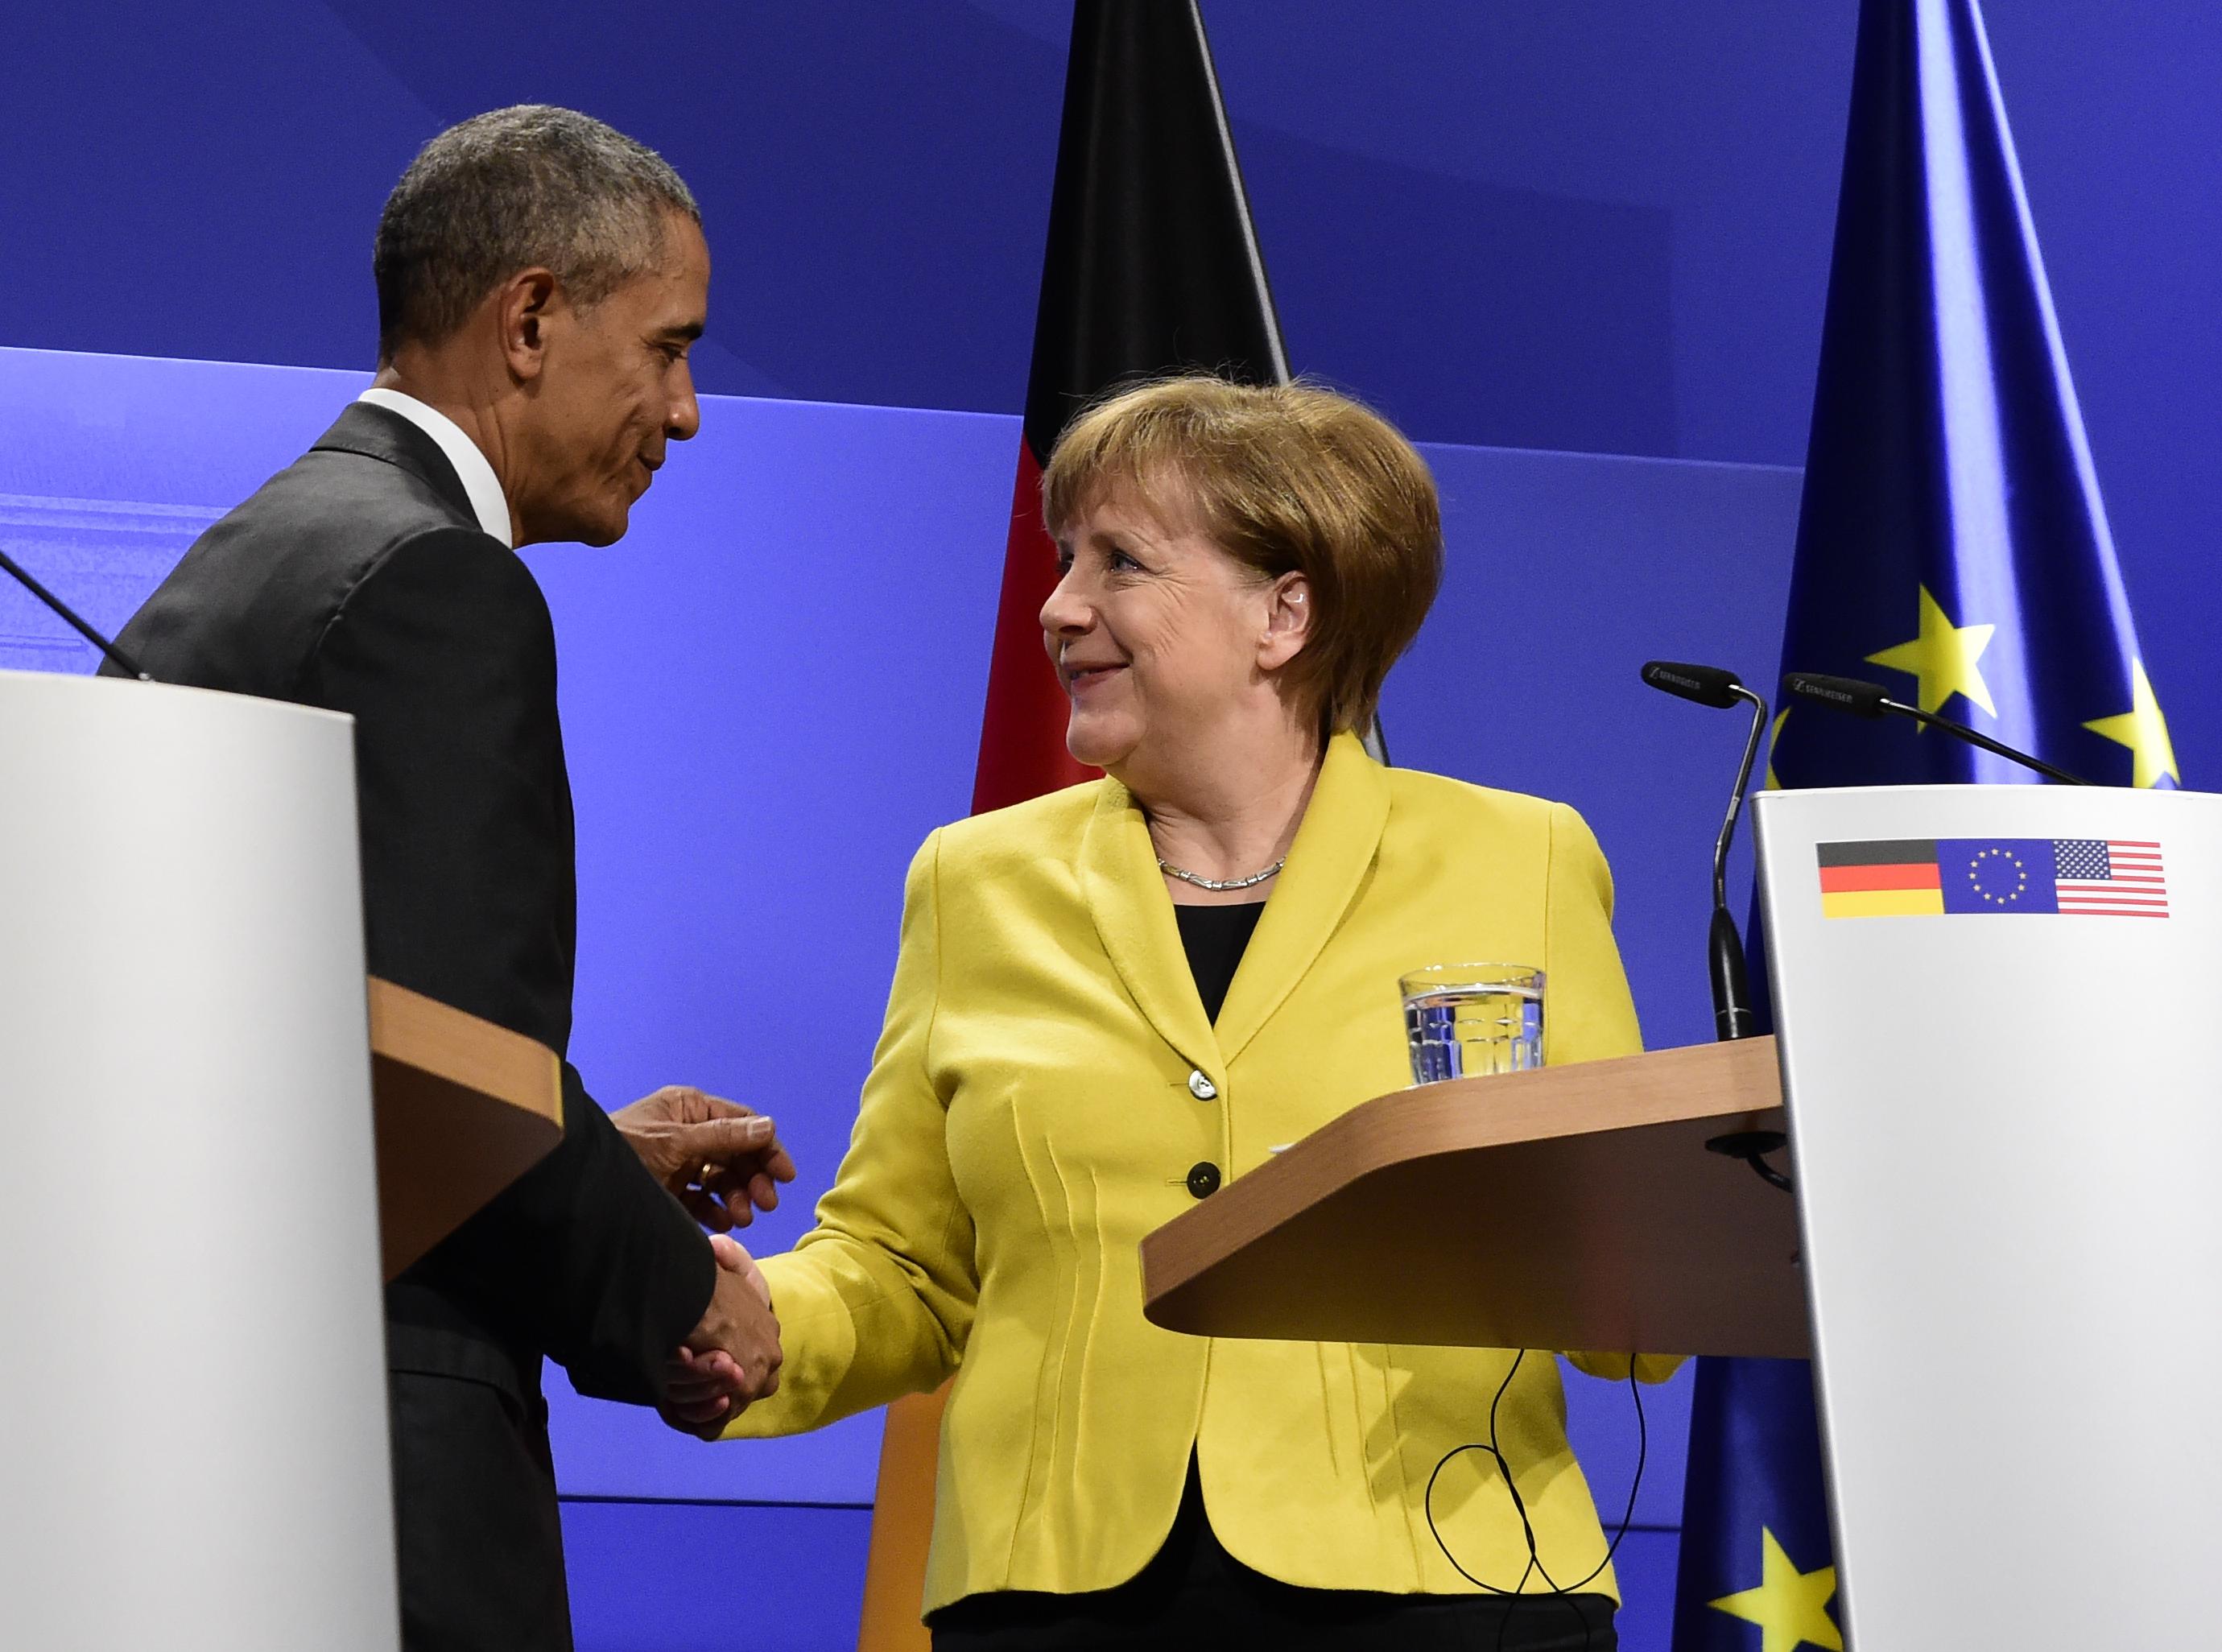 أوباما وميركل خلال مؤتمرهما الصحافي المشترك في هانوفر